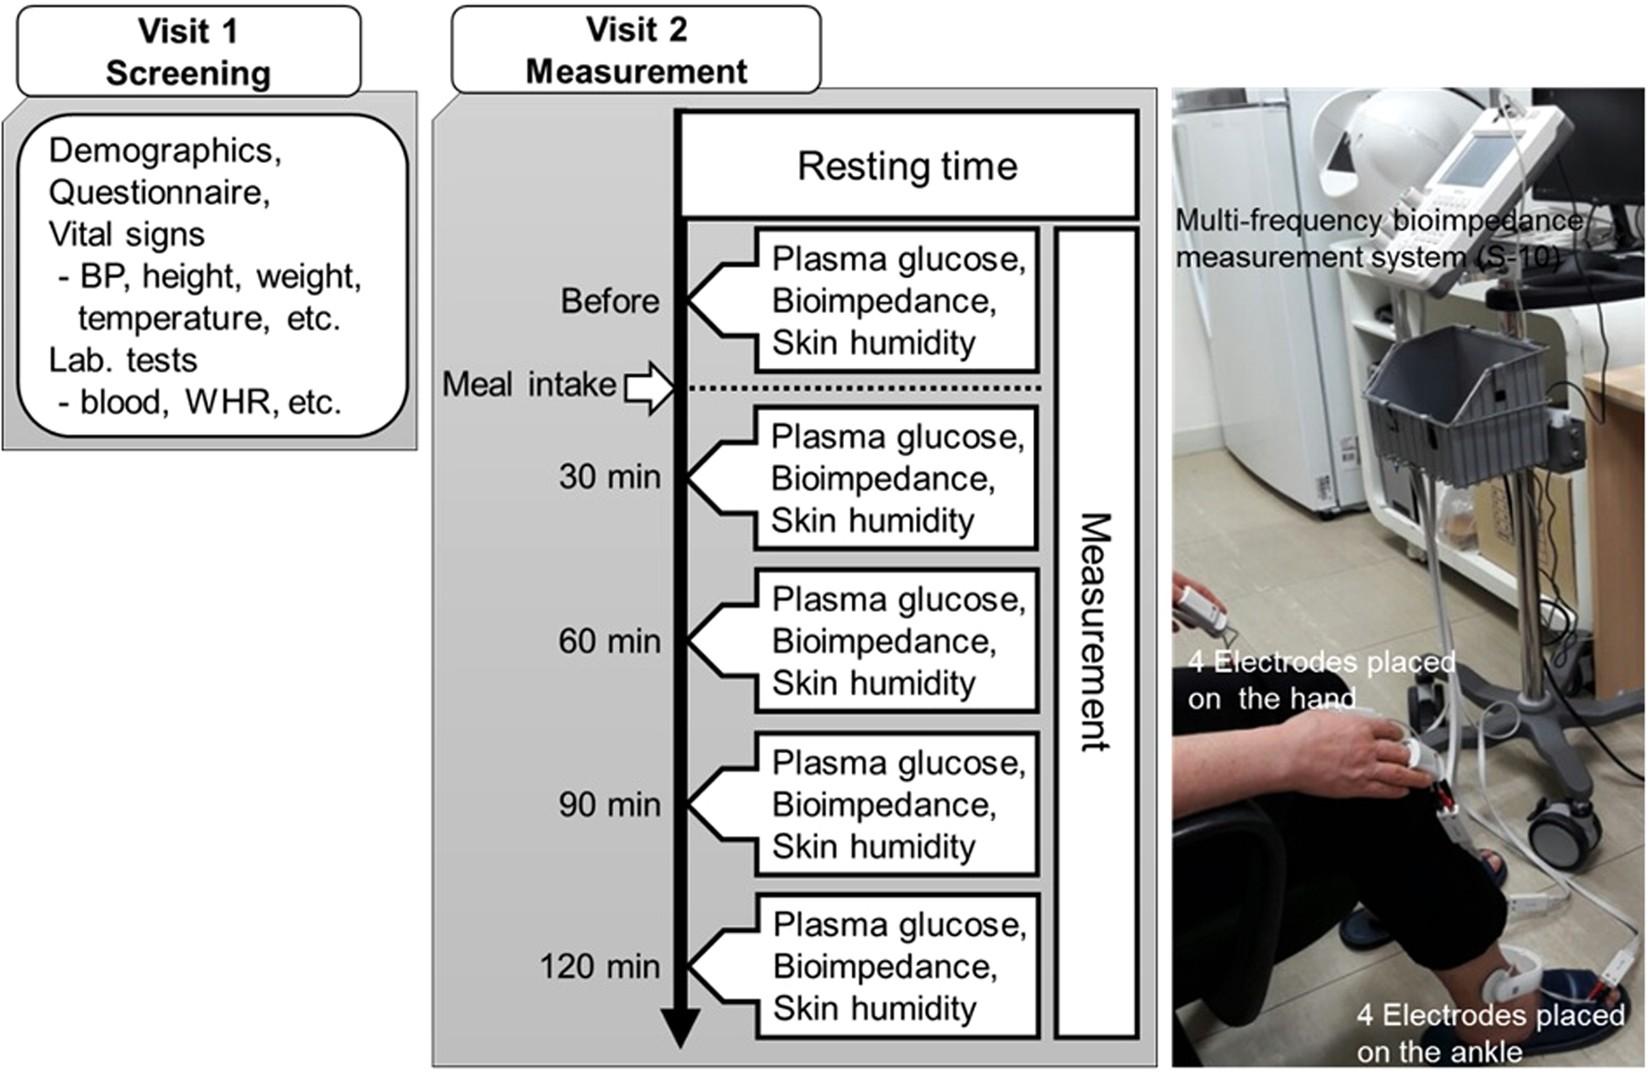 생체전기를 이용한 당뇨 측정방법 그림-논문발췌